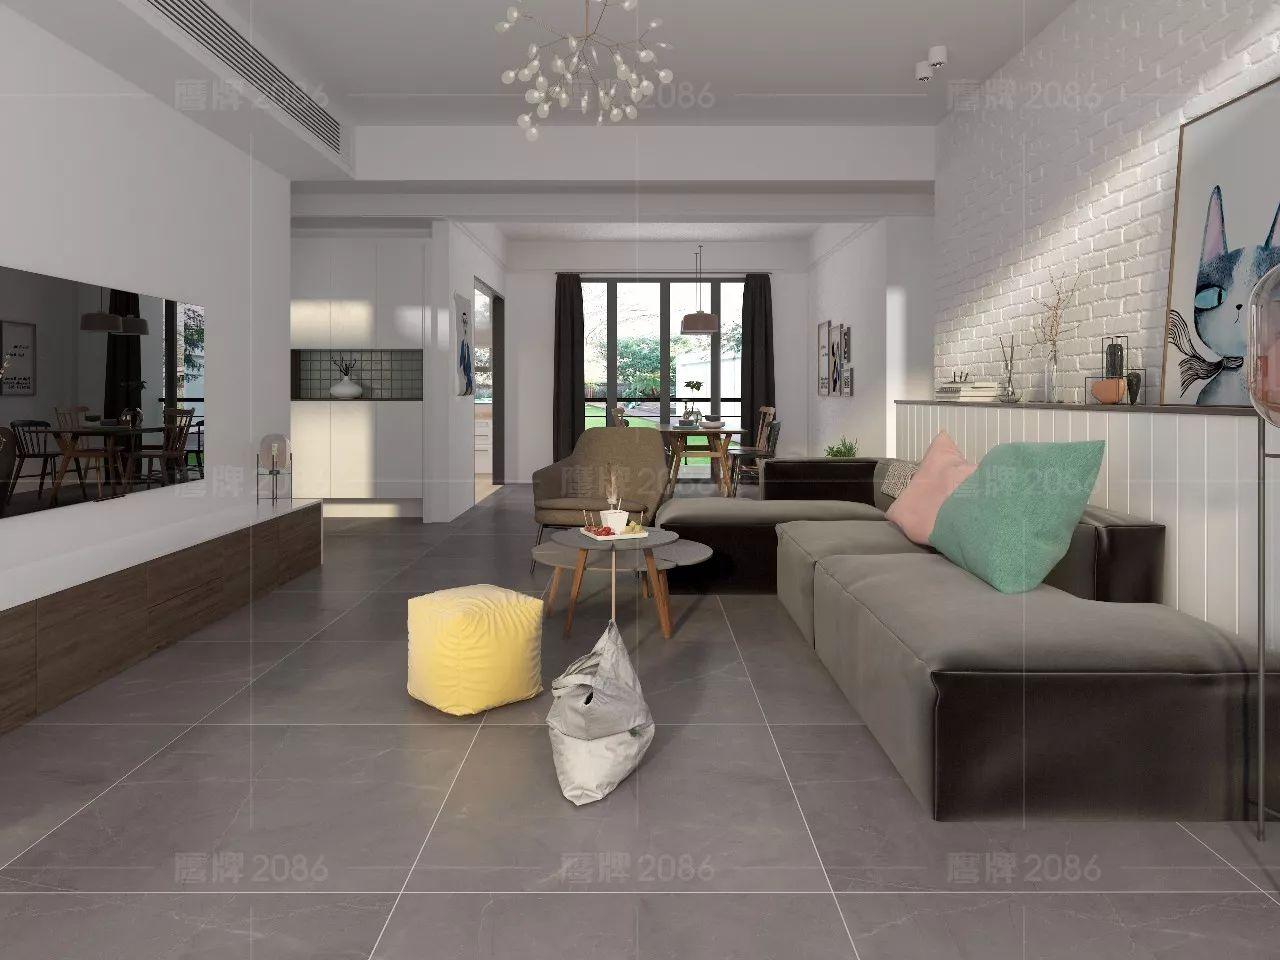 宅家看设计——鹰牌2086北欧风全屋设计方案